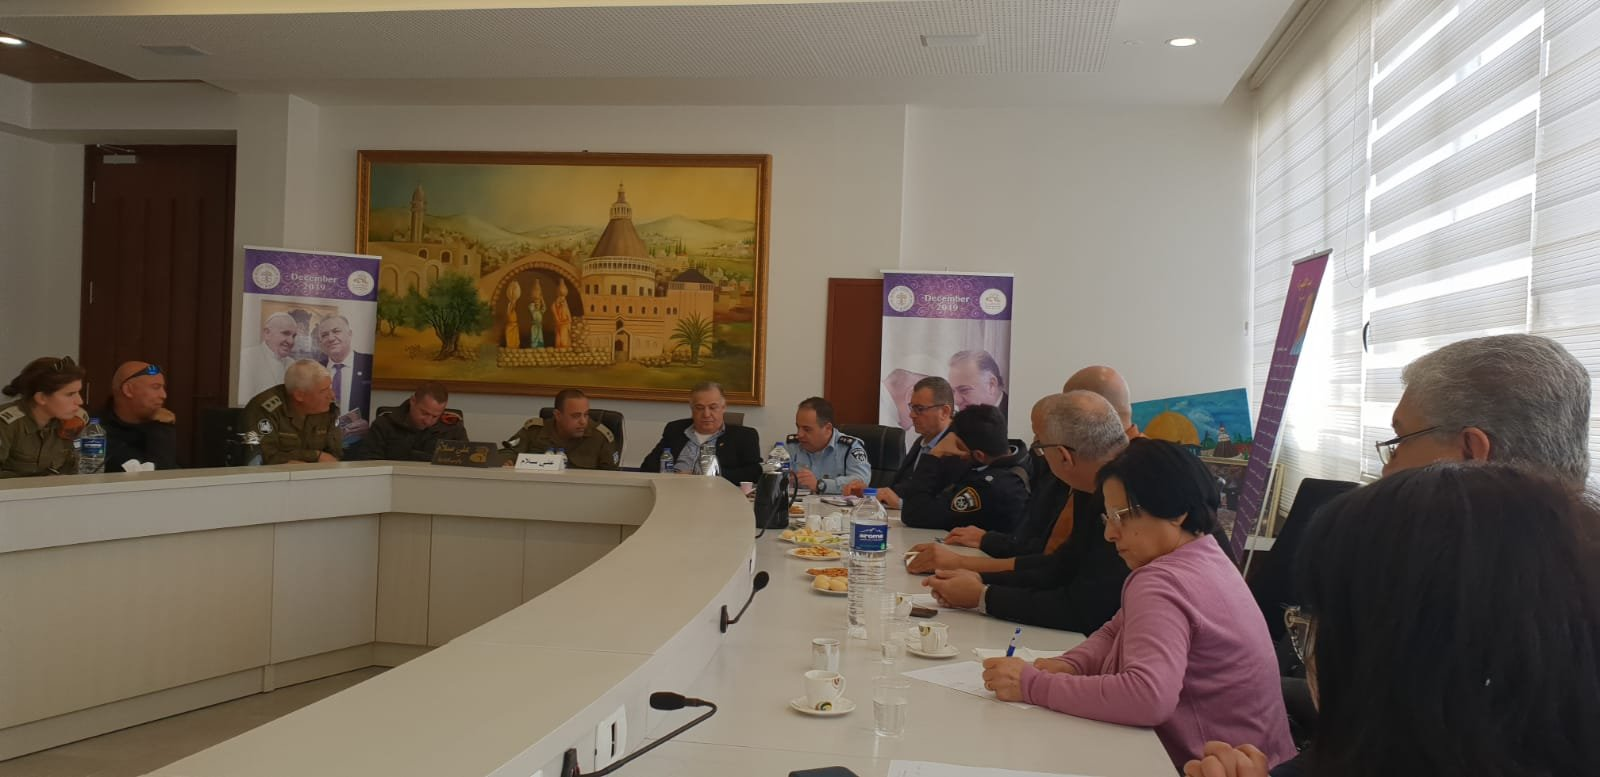 لجنه الطوارئ في بلدية الناصرة تعقد جلسه عمل مع الجبهة الداخلية-4